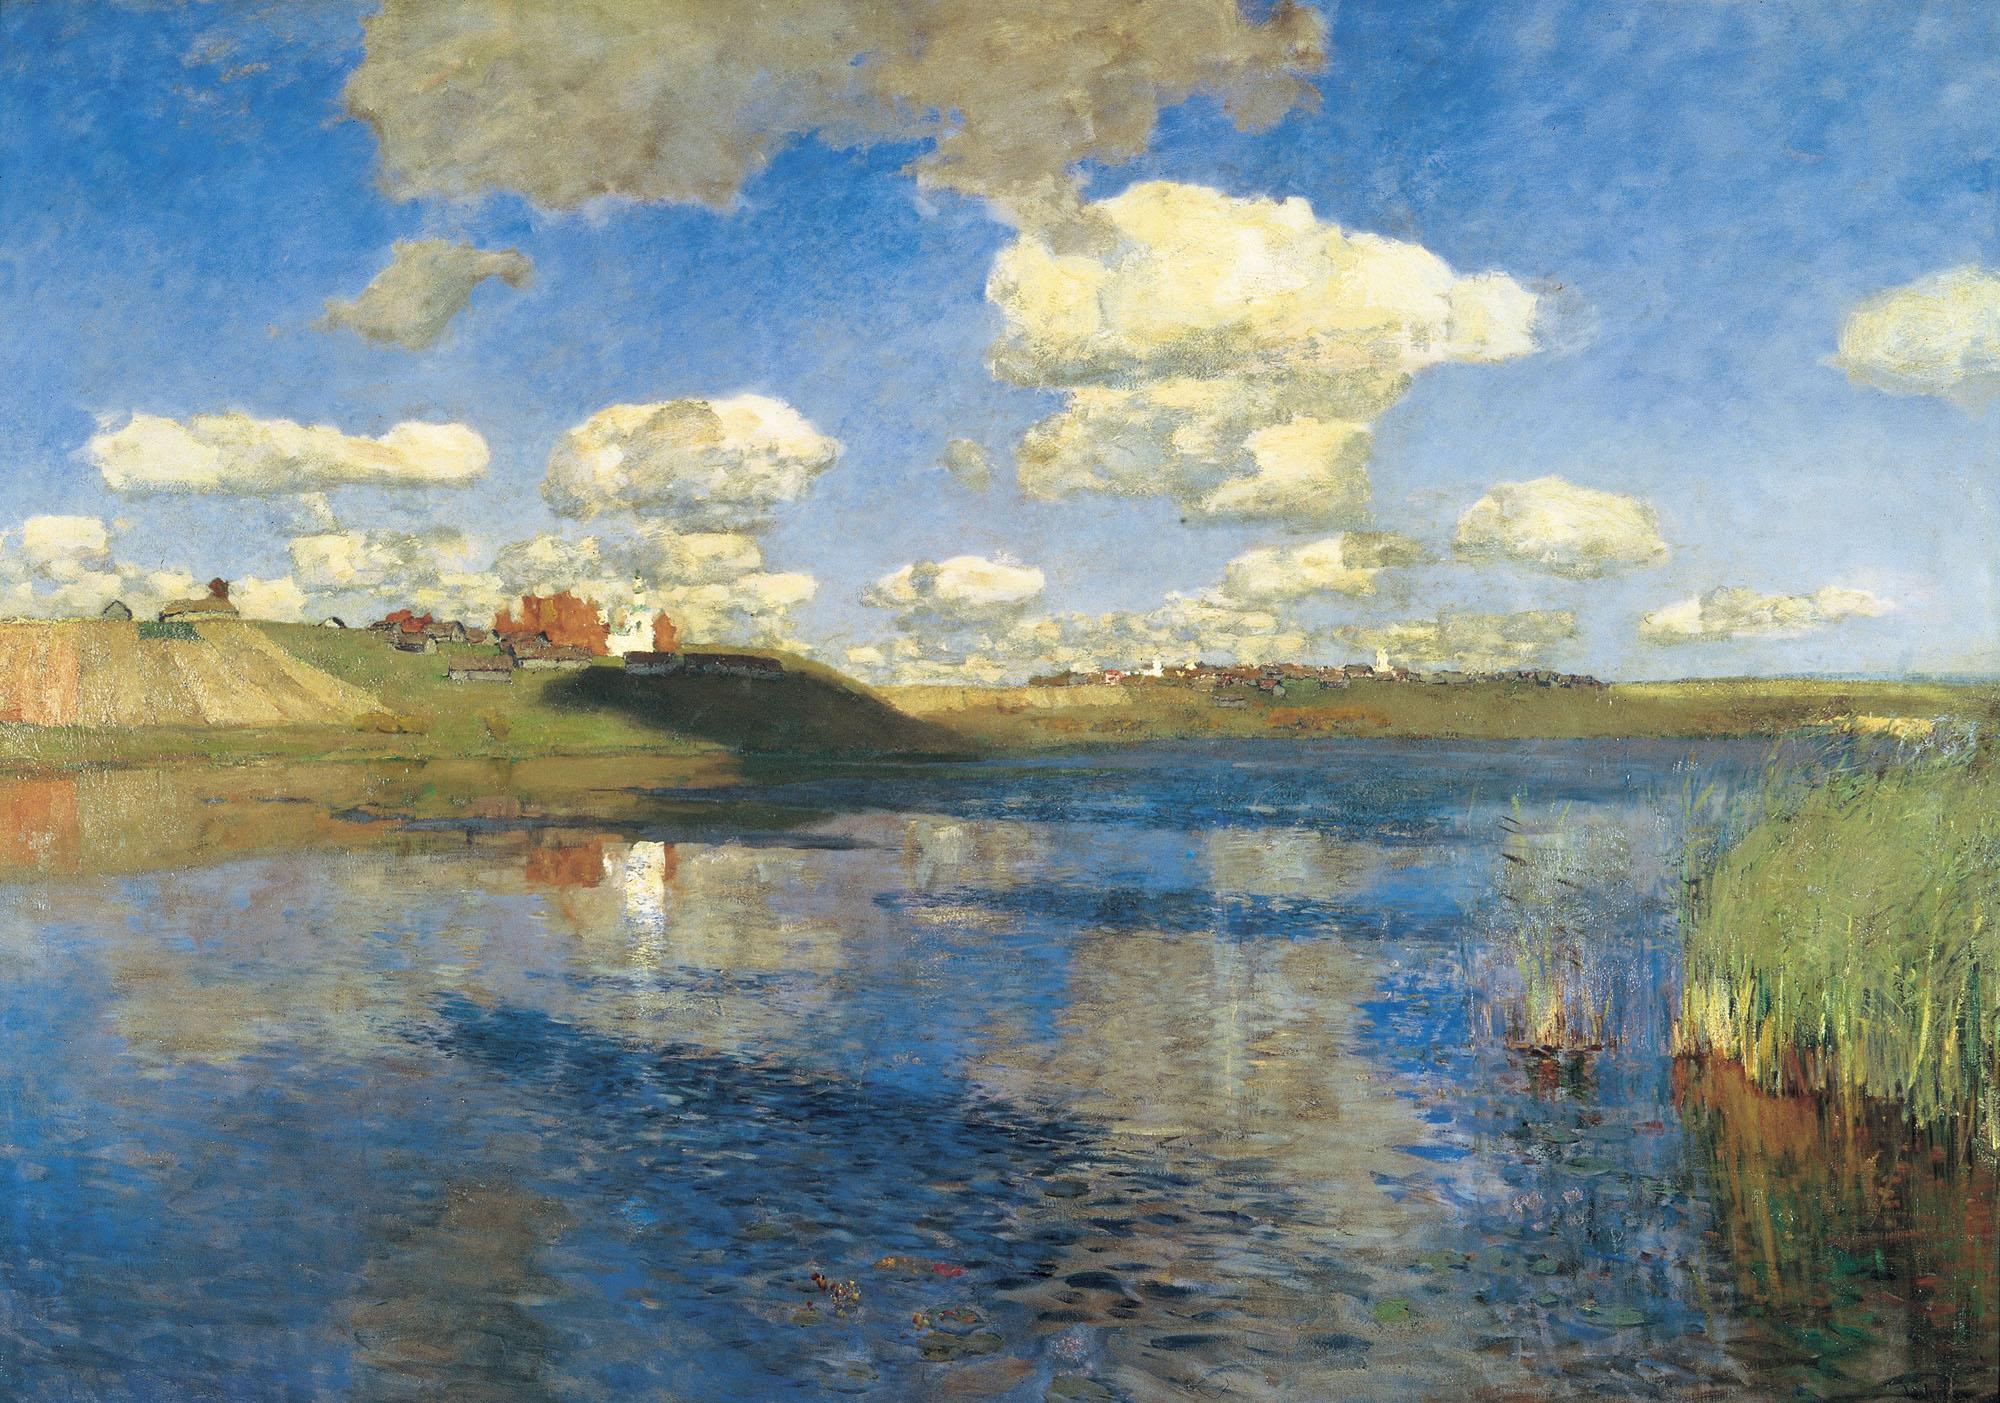 Левитан ИИ Озеро (Русь) 1899-1900 хм 149-208 ГРМ